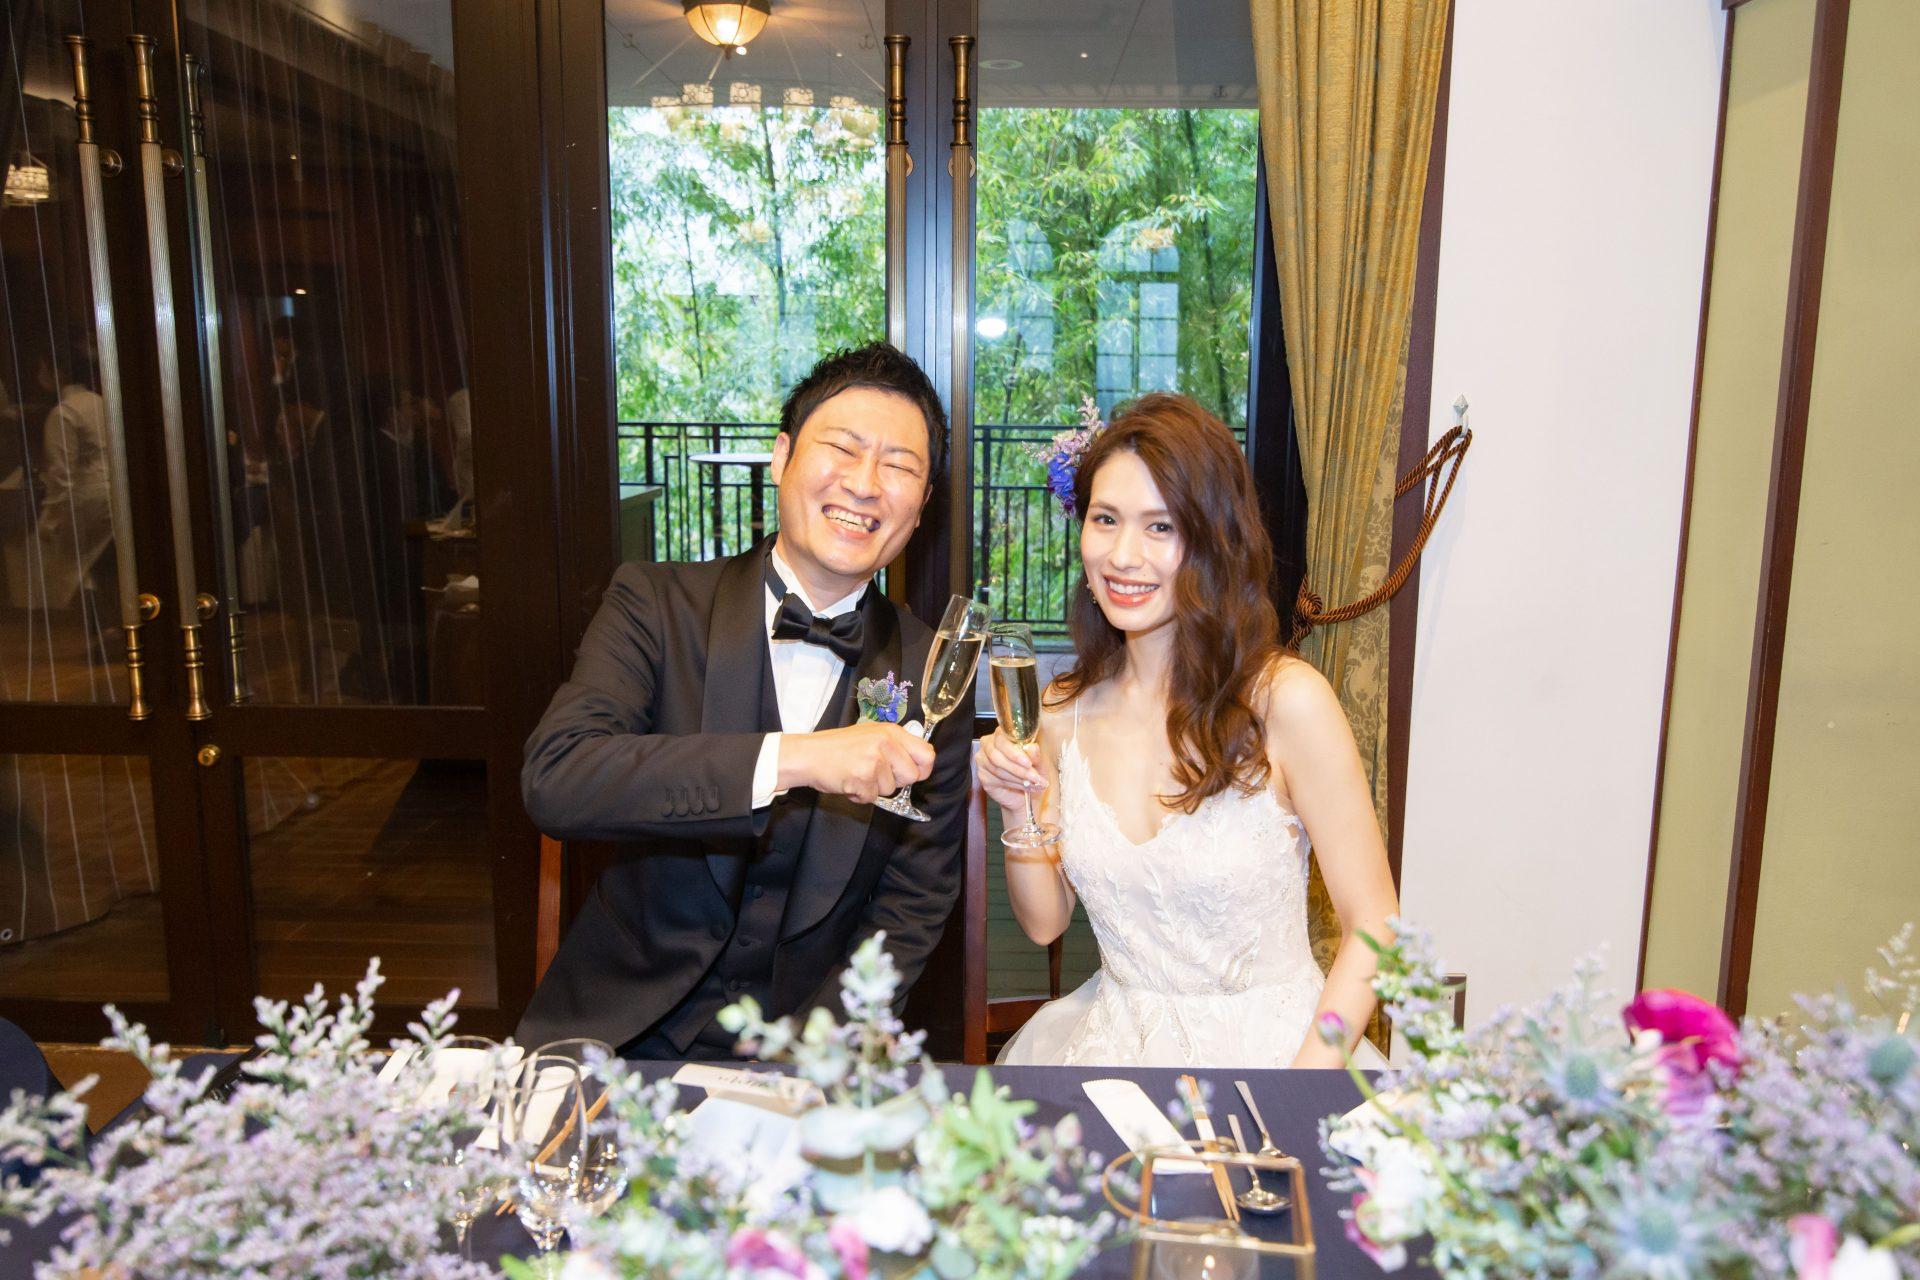 プレ花嫁様におすすめしたい光と緑の溢れる会場にてアットホームパーティーをされるのにぴったりな衣裳